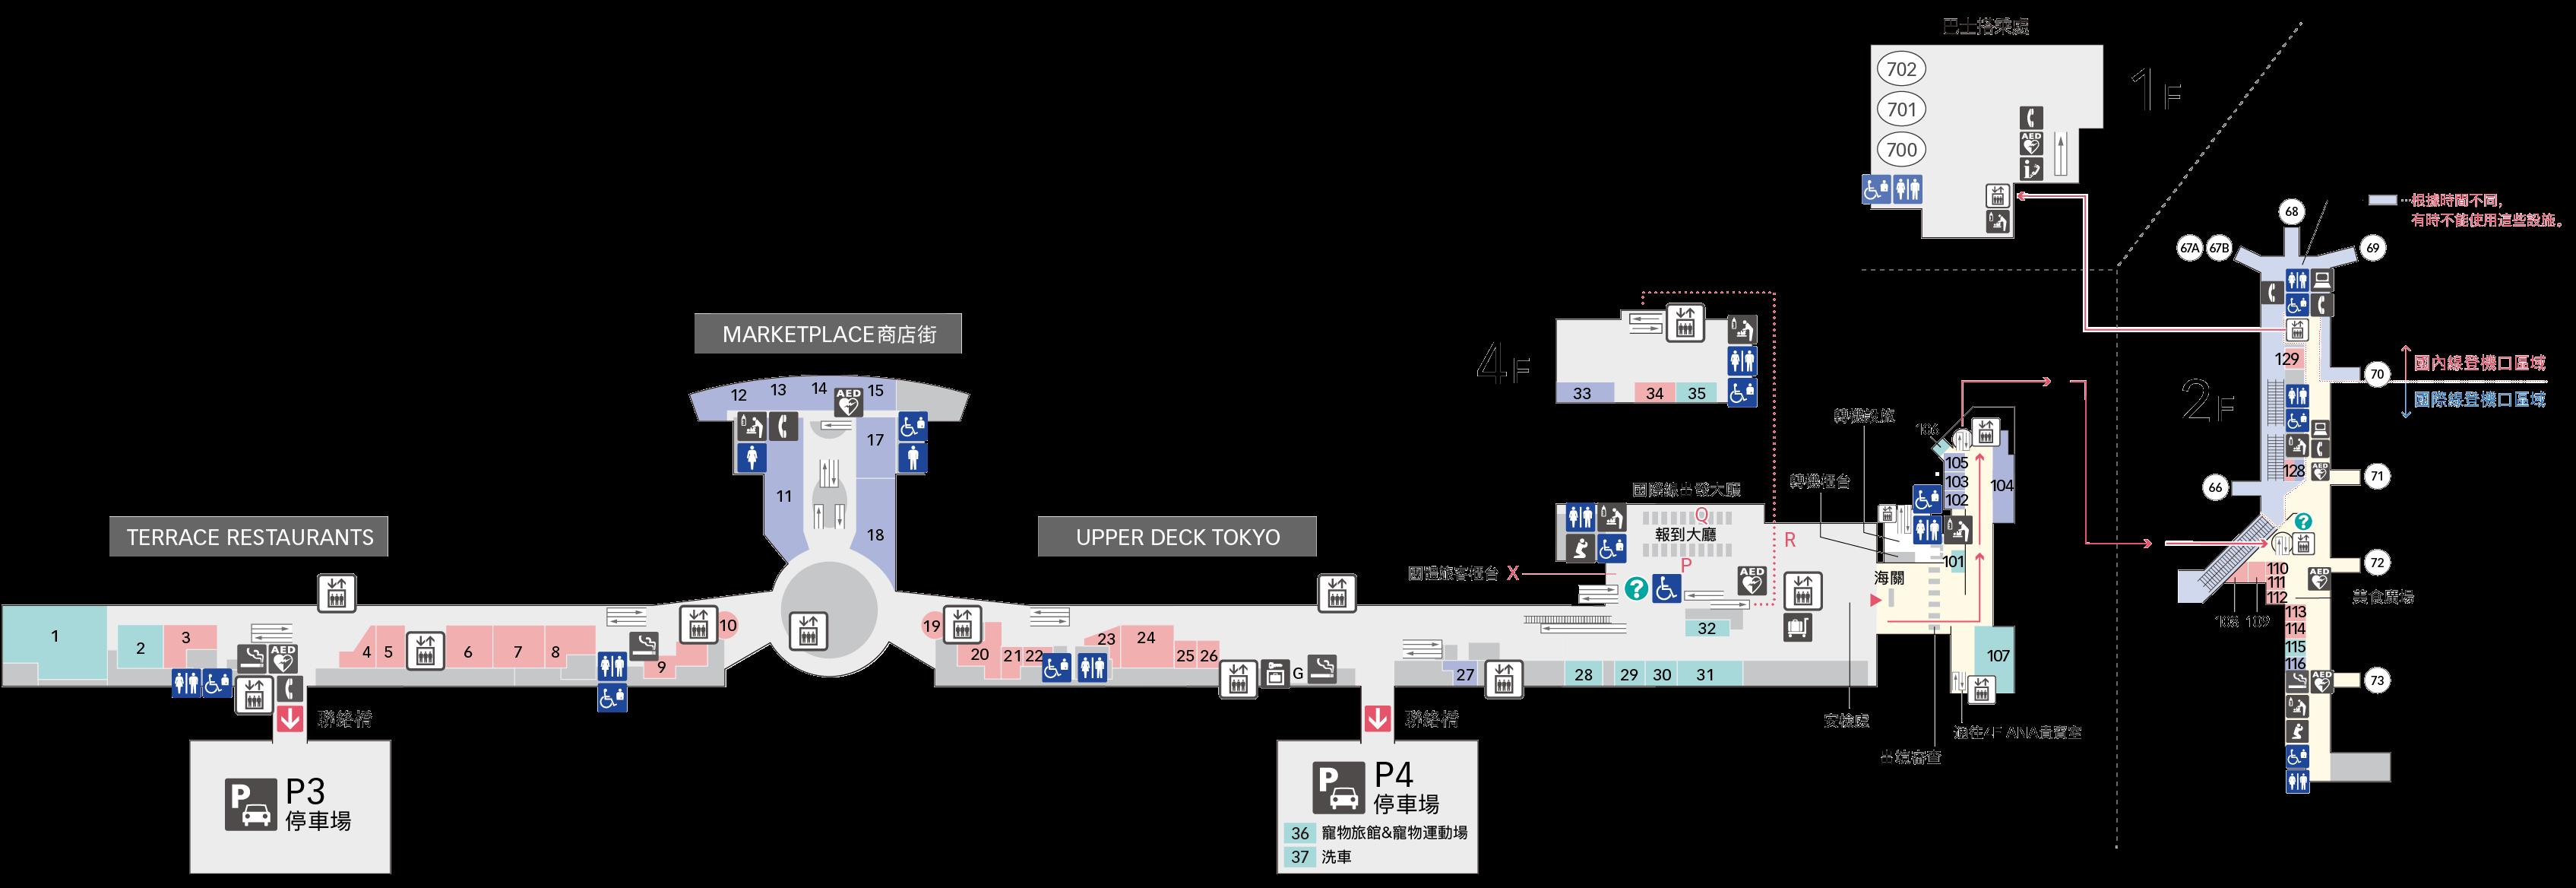 3F出發大廳(國際),餐廳&商店樓層地圖